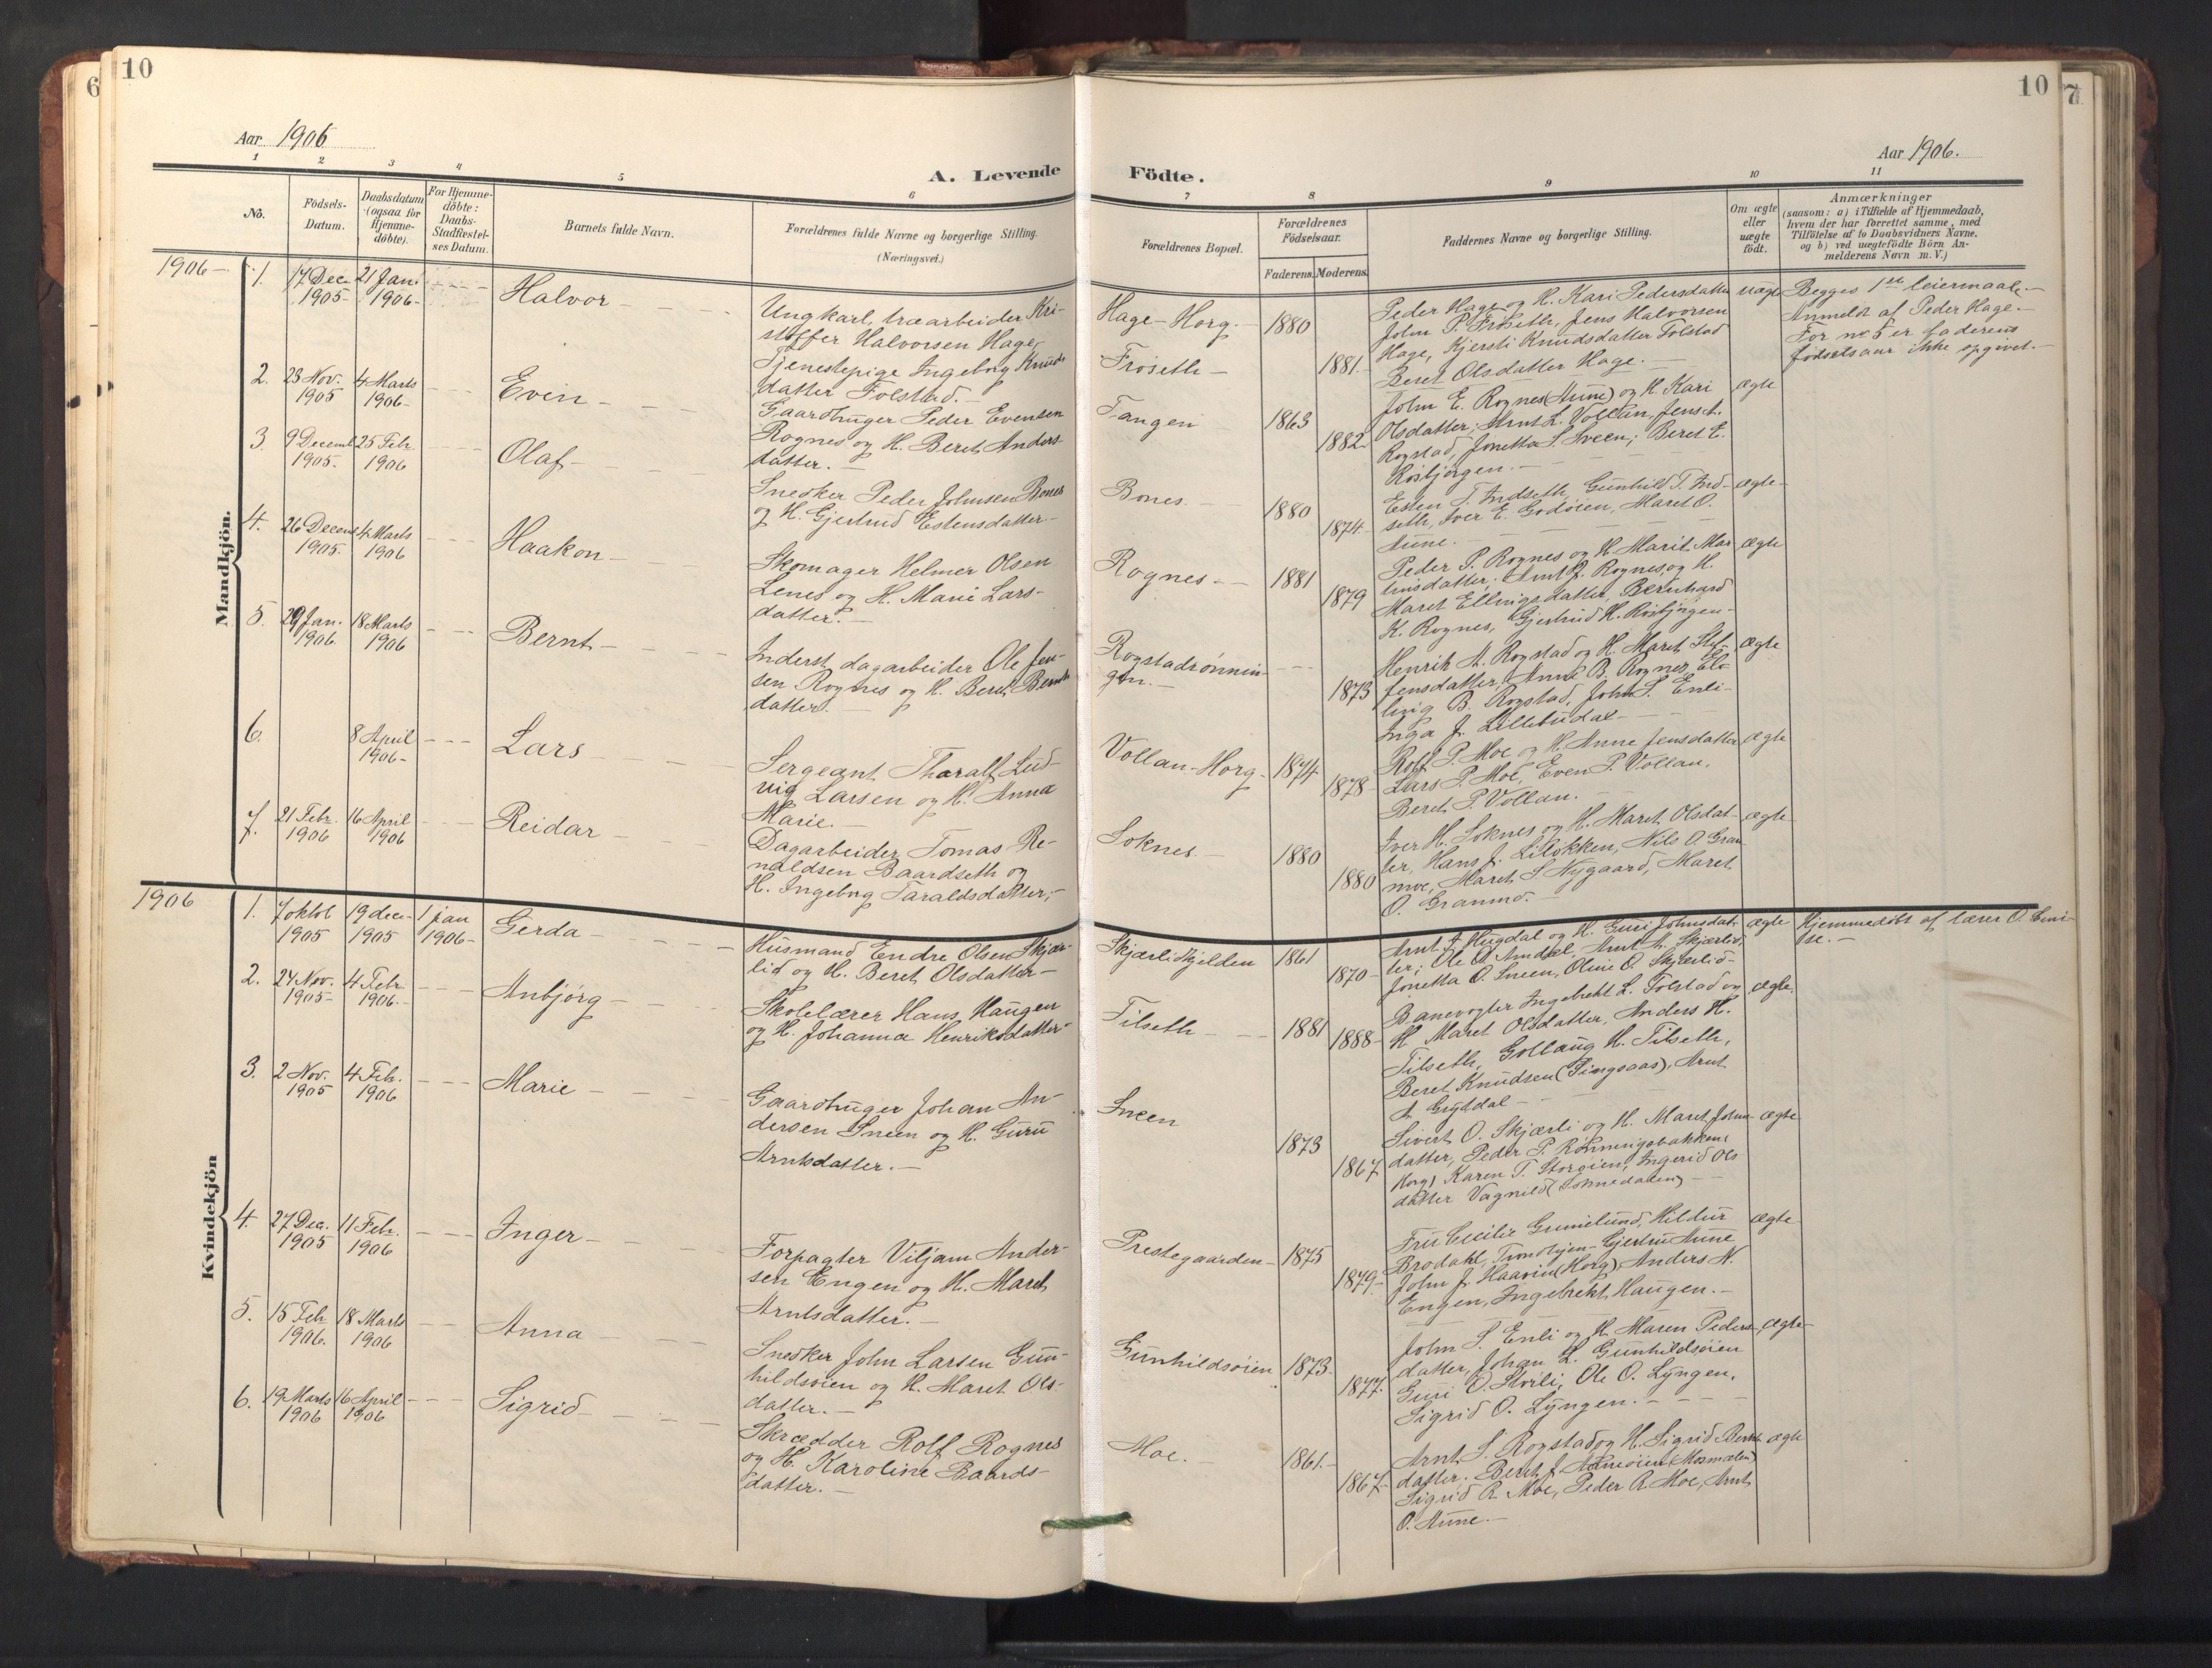 SAT, Ministerialprotokoller, klokkerbøker og fødselsregistre - Sør-Trøndelag, 687/L1019: Klokkerbok nr. 687C03, 1904-1931, s. 10